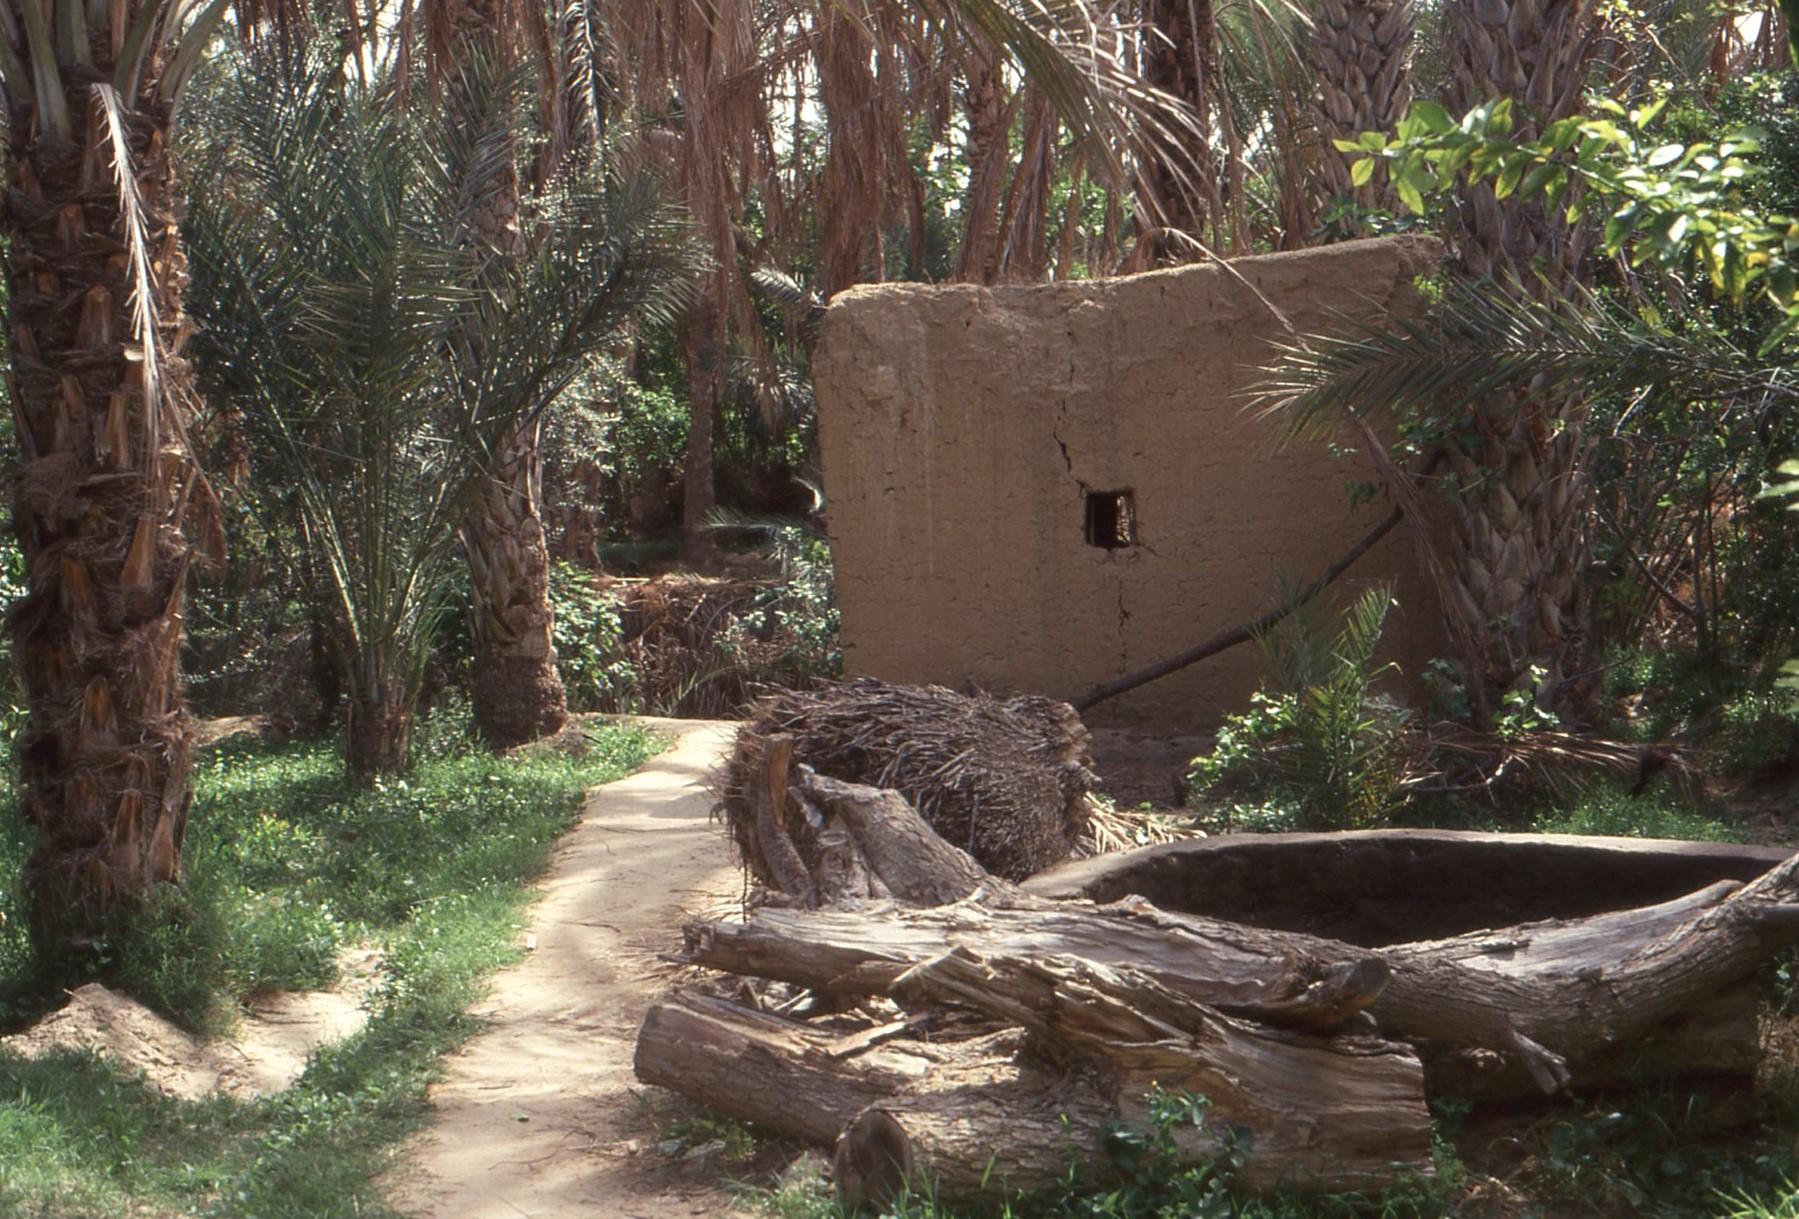 Nell'oasi, la trama del territorio, l'orientamento delle abitazioni e dei villaggi, l'organizzazione dei giardini sono parte di una sfera di segni in cui tutte le cose hanno un senso